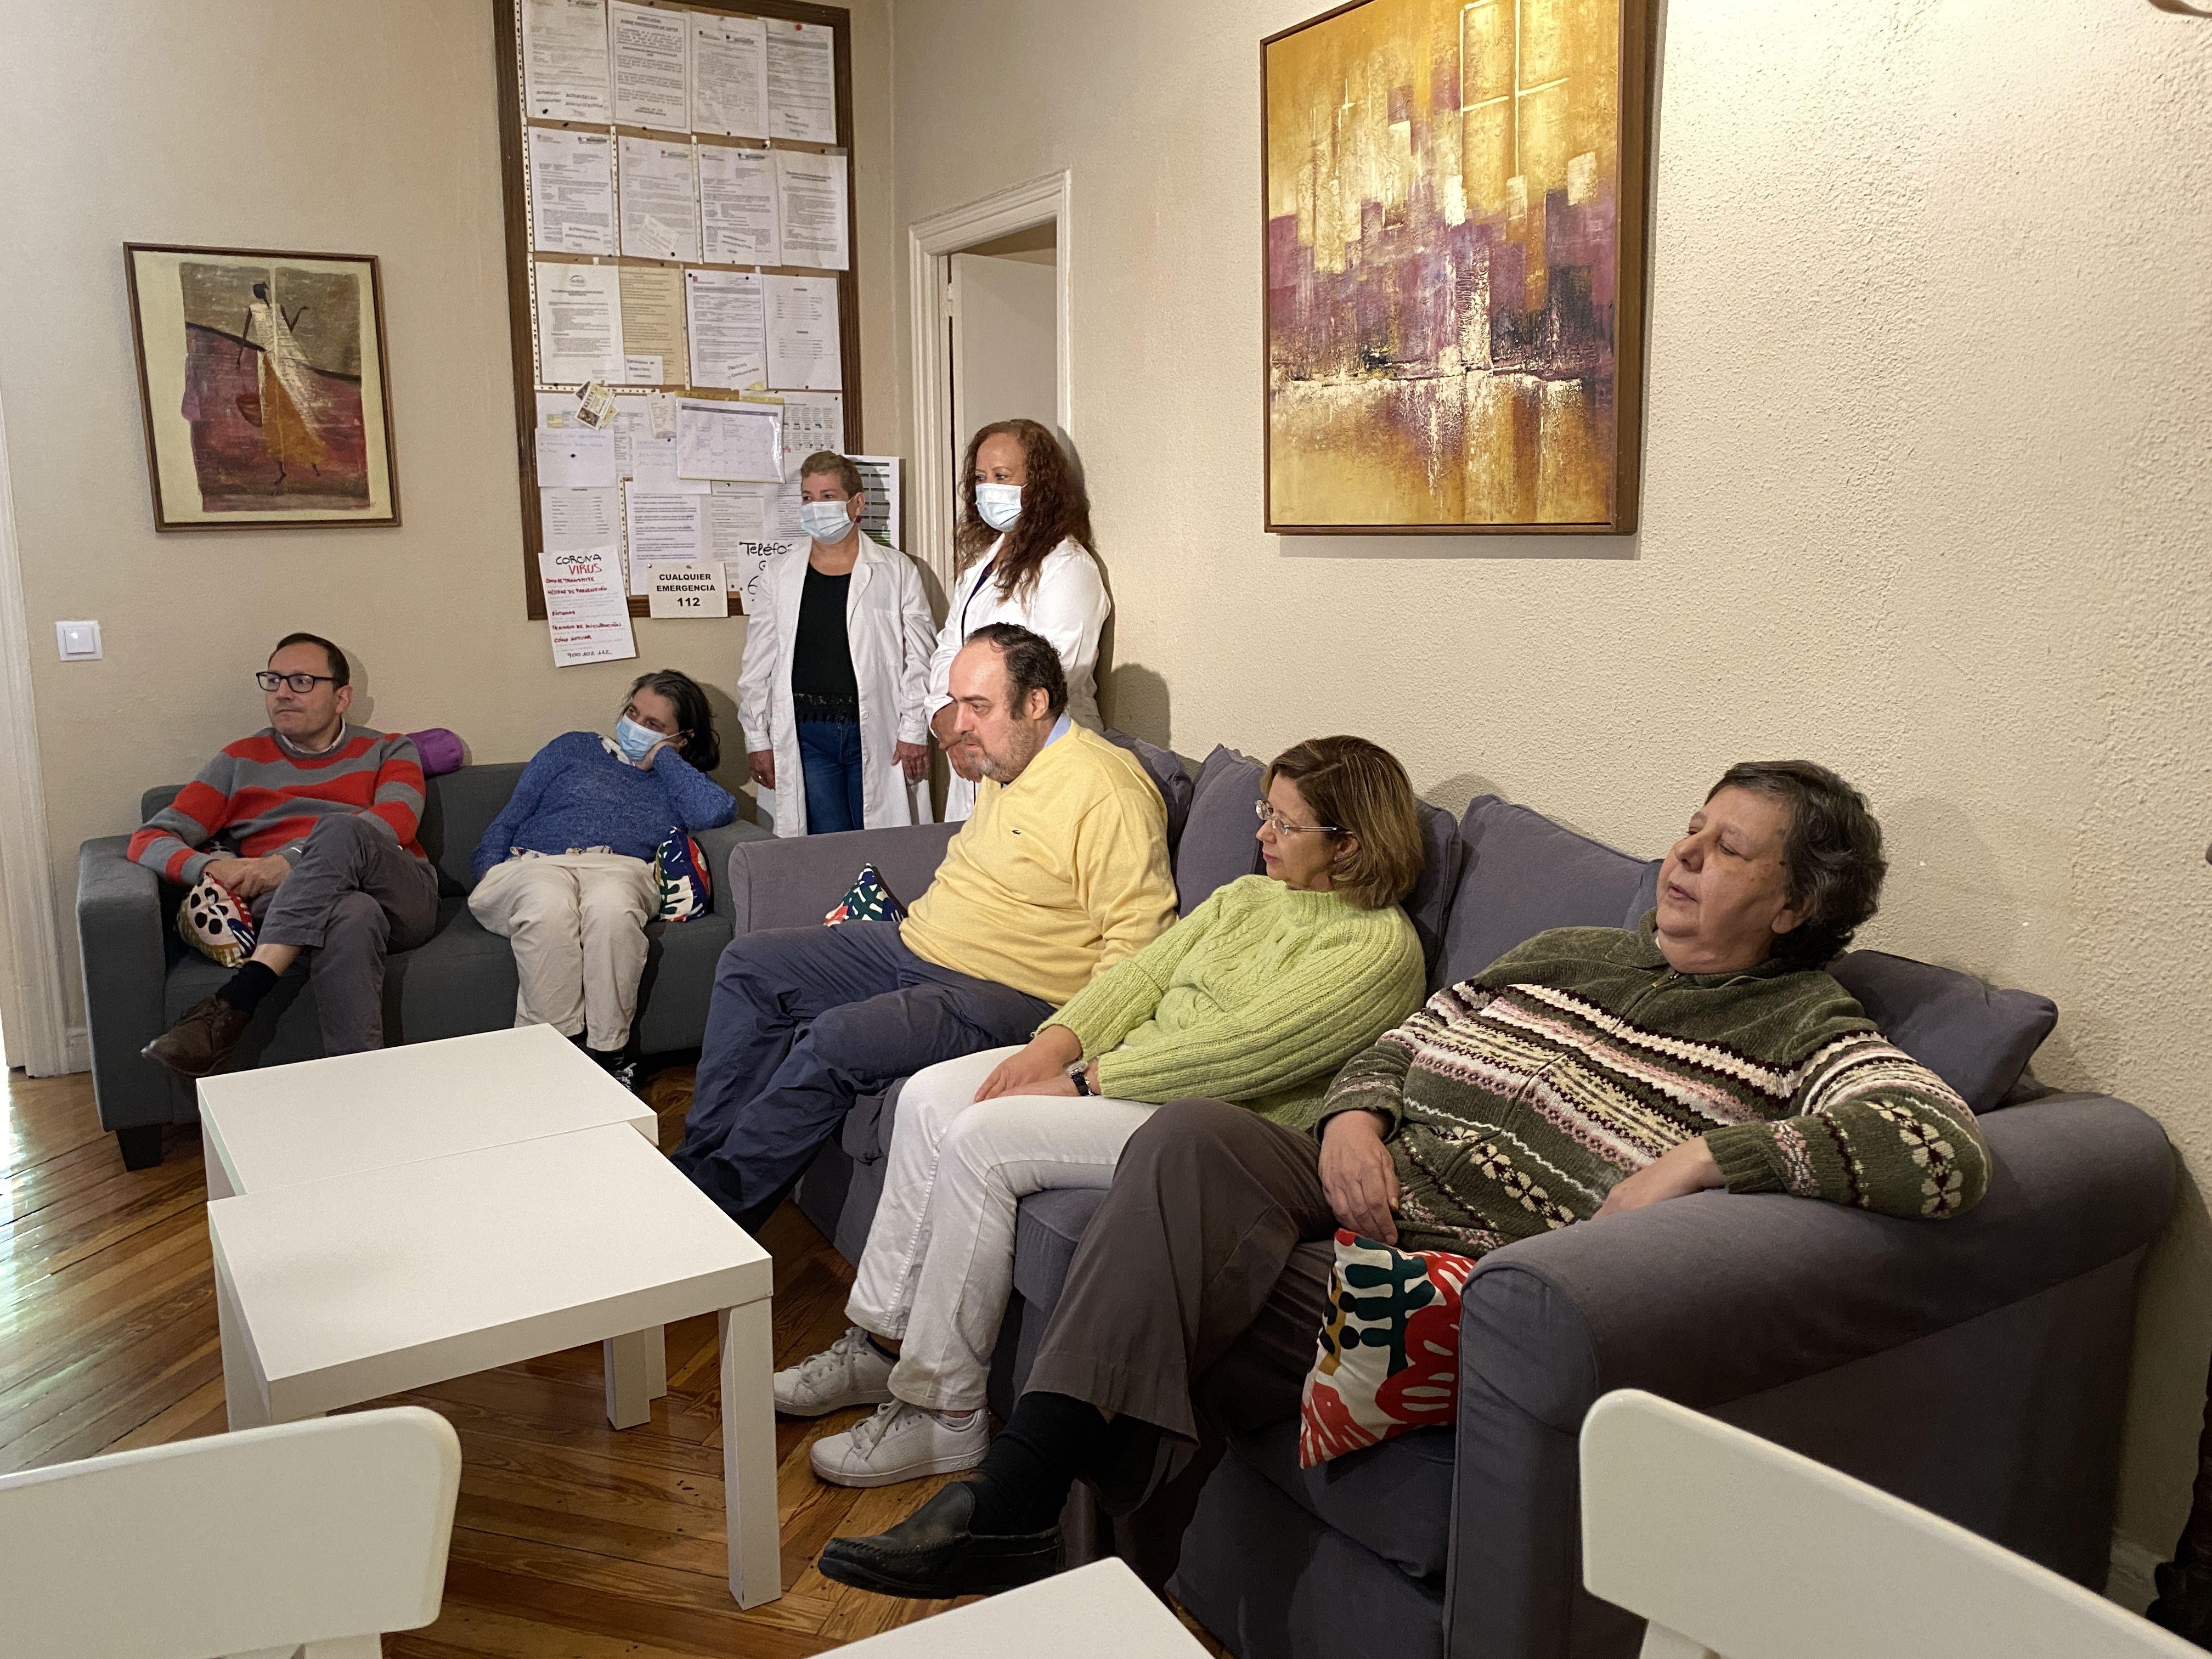 SALA DE ESTAR CON PACIENTES EN PISO AISS 2